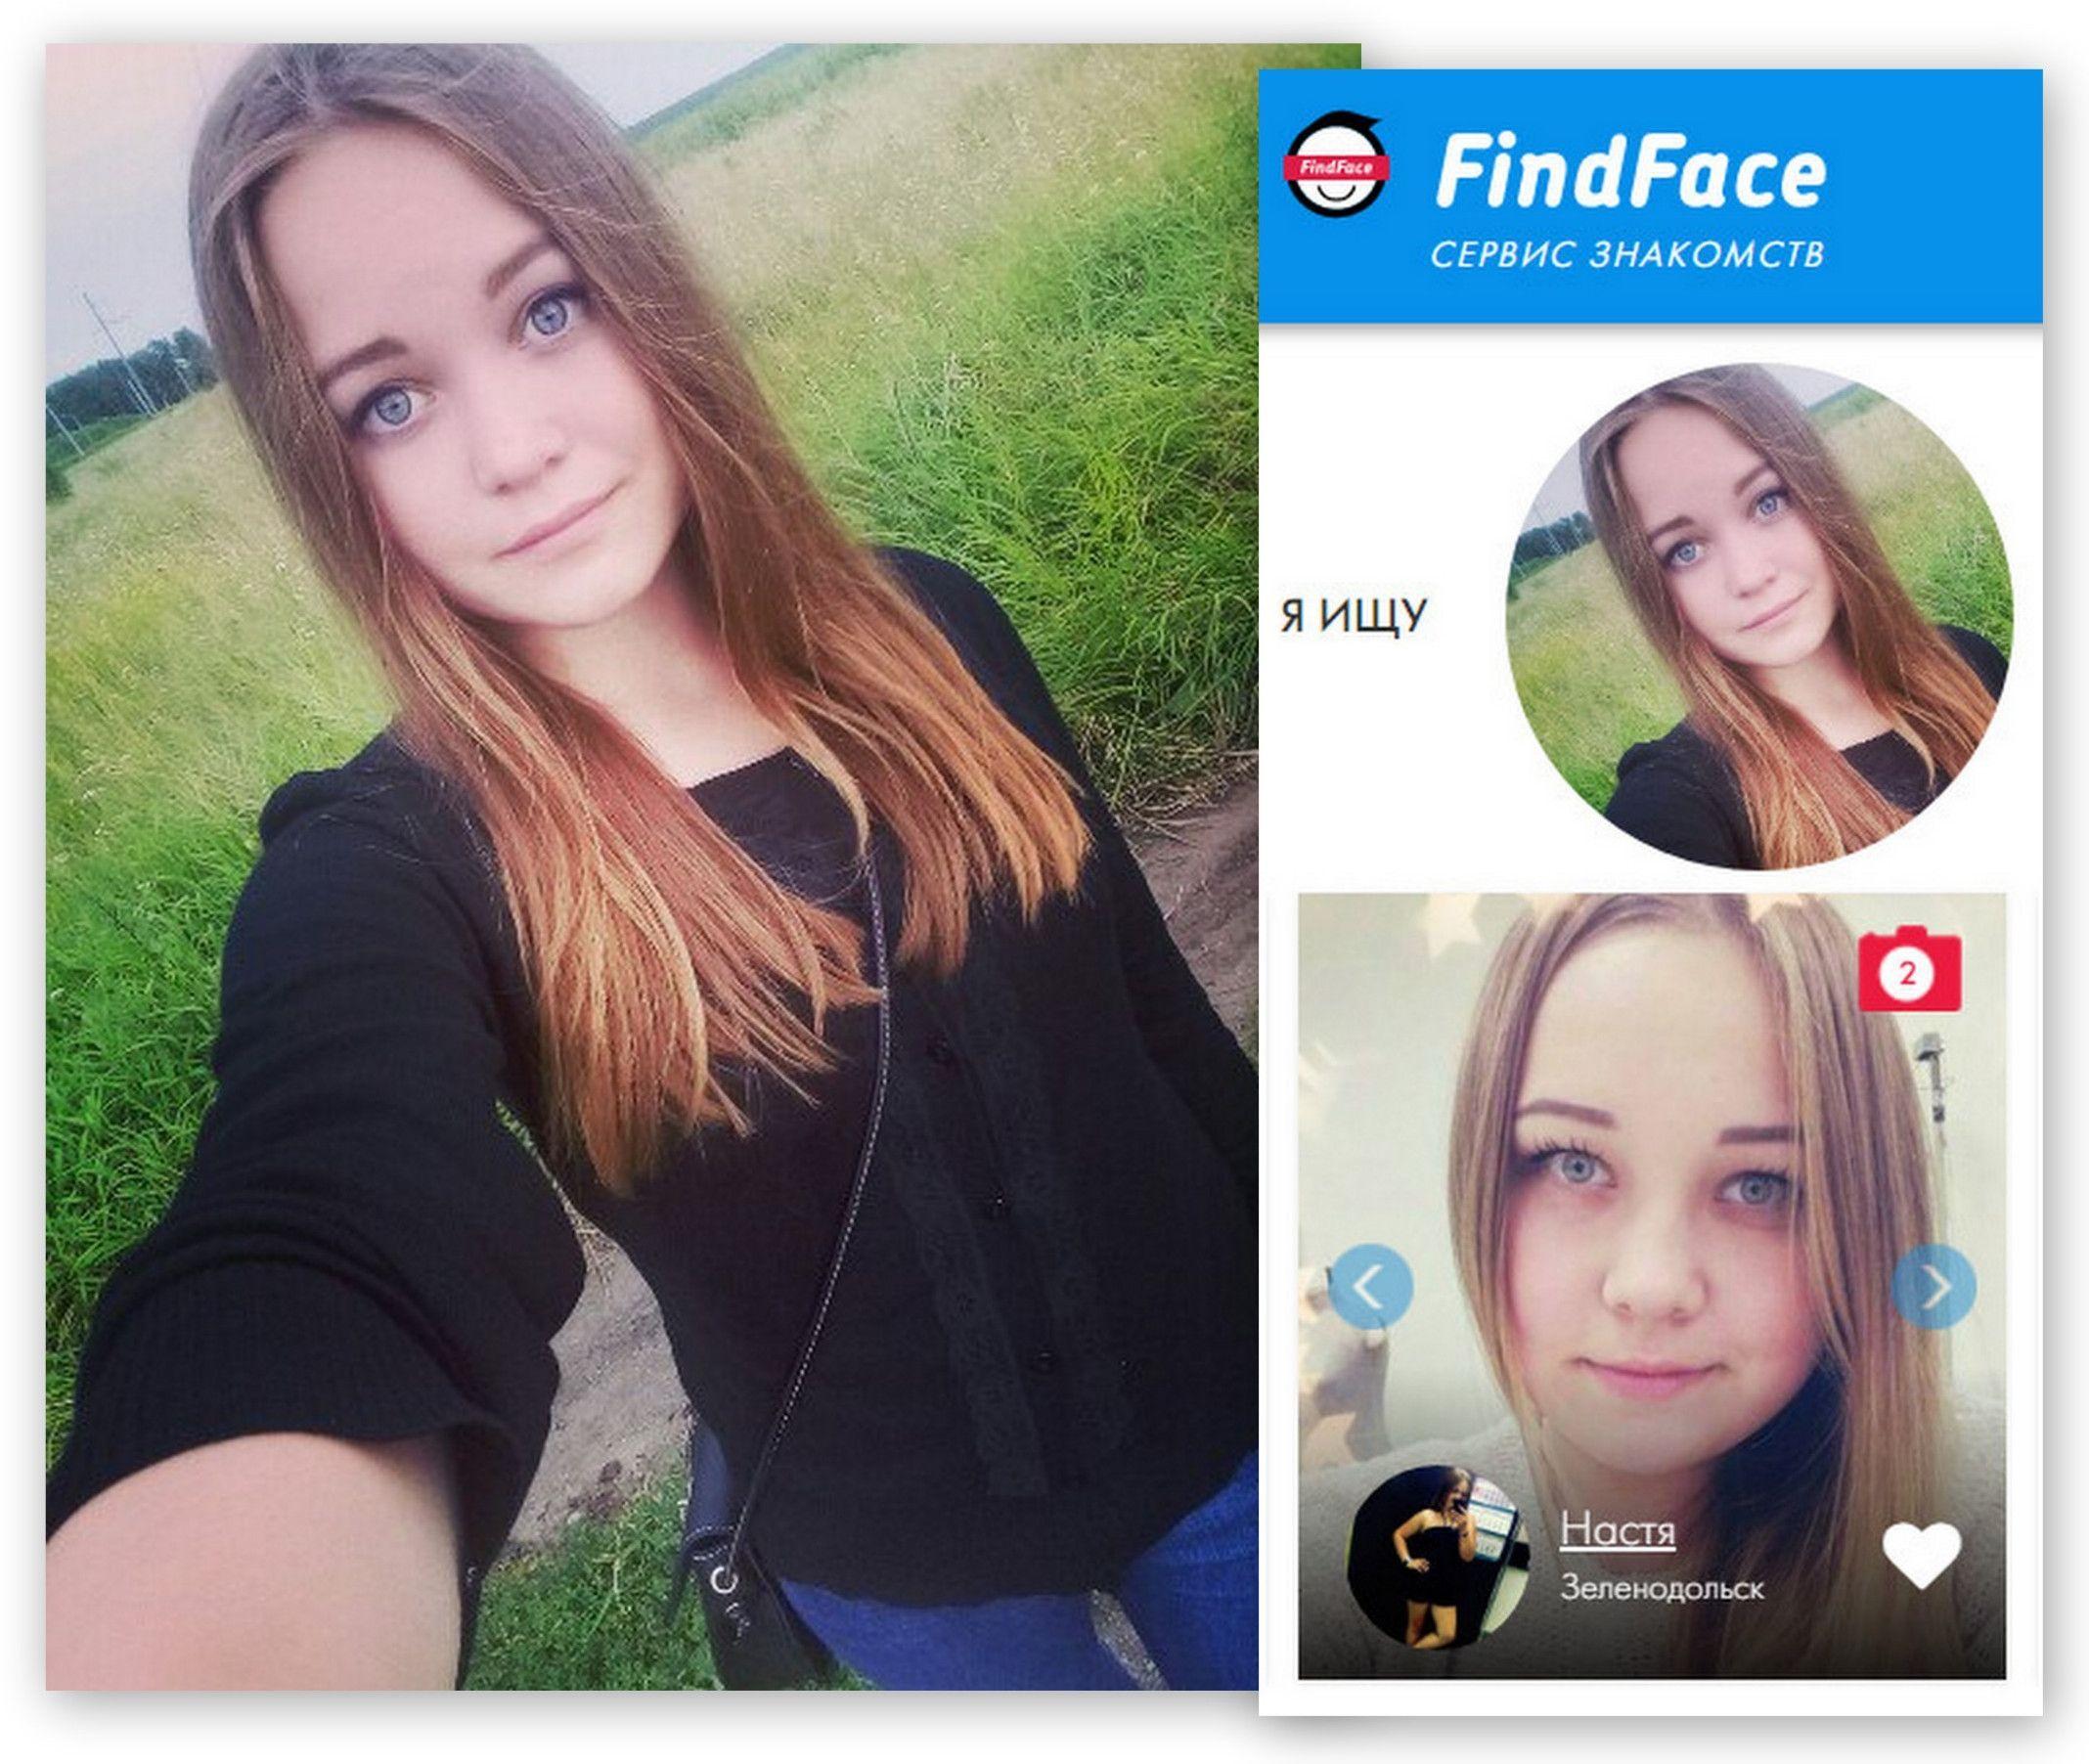 найти по фото похожее лицо